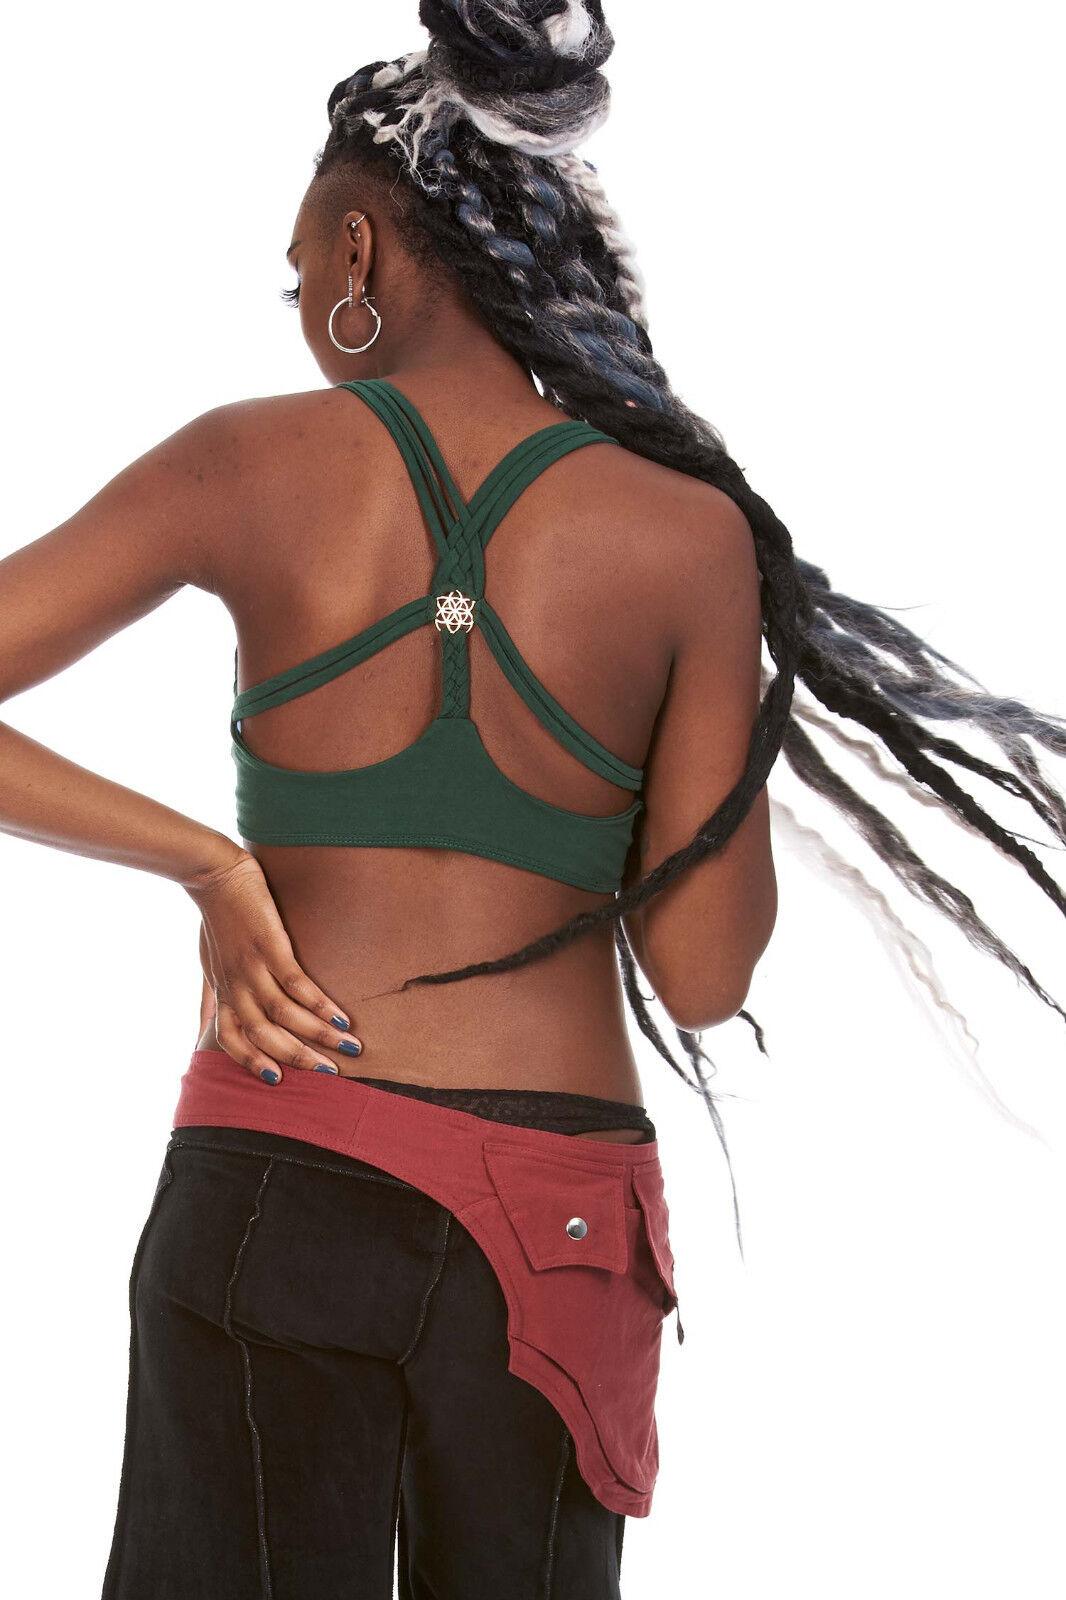 Goa Haut Haut Haut Bikini, Yoga vêtements, fleur de vie Soutien-gorge, hippie bustier, 5f7b01